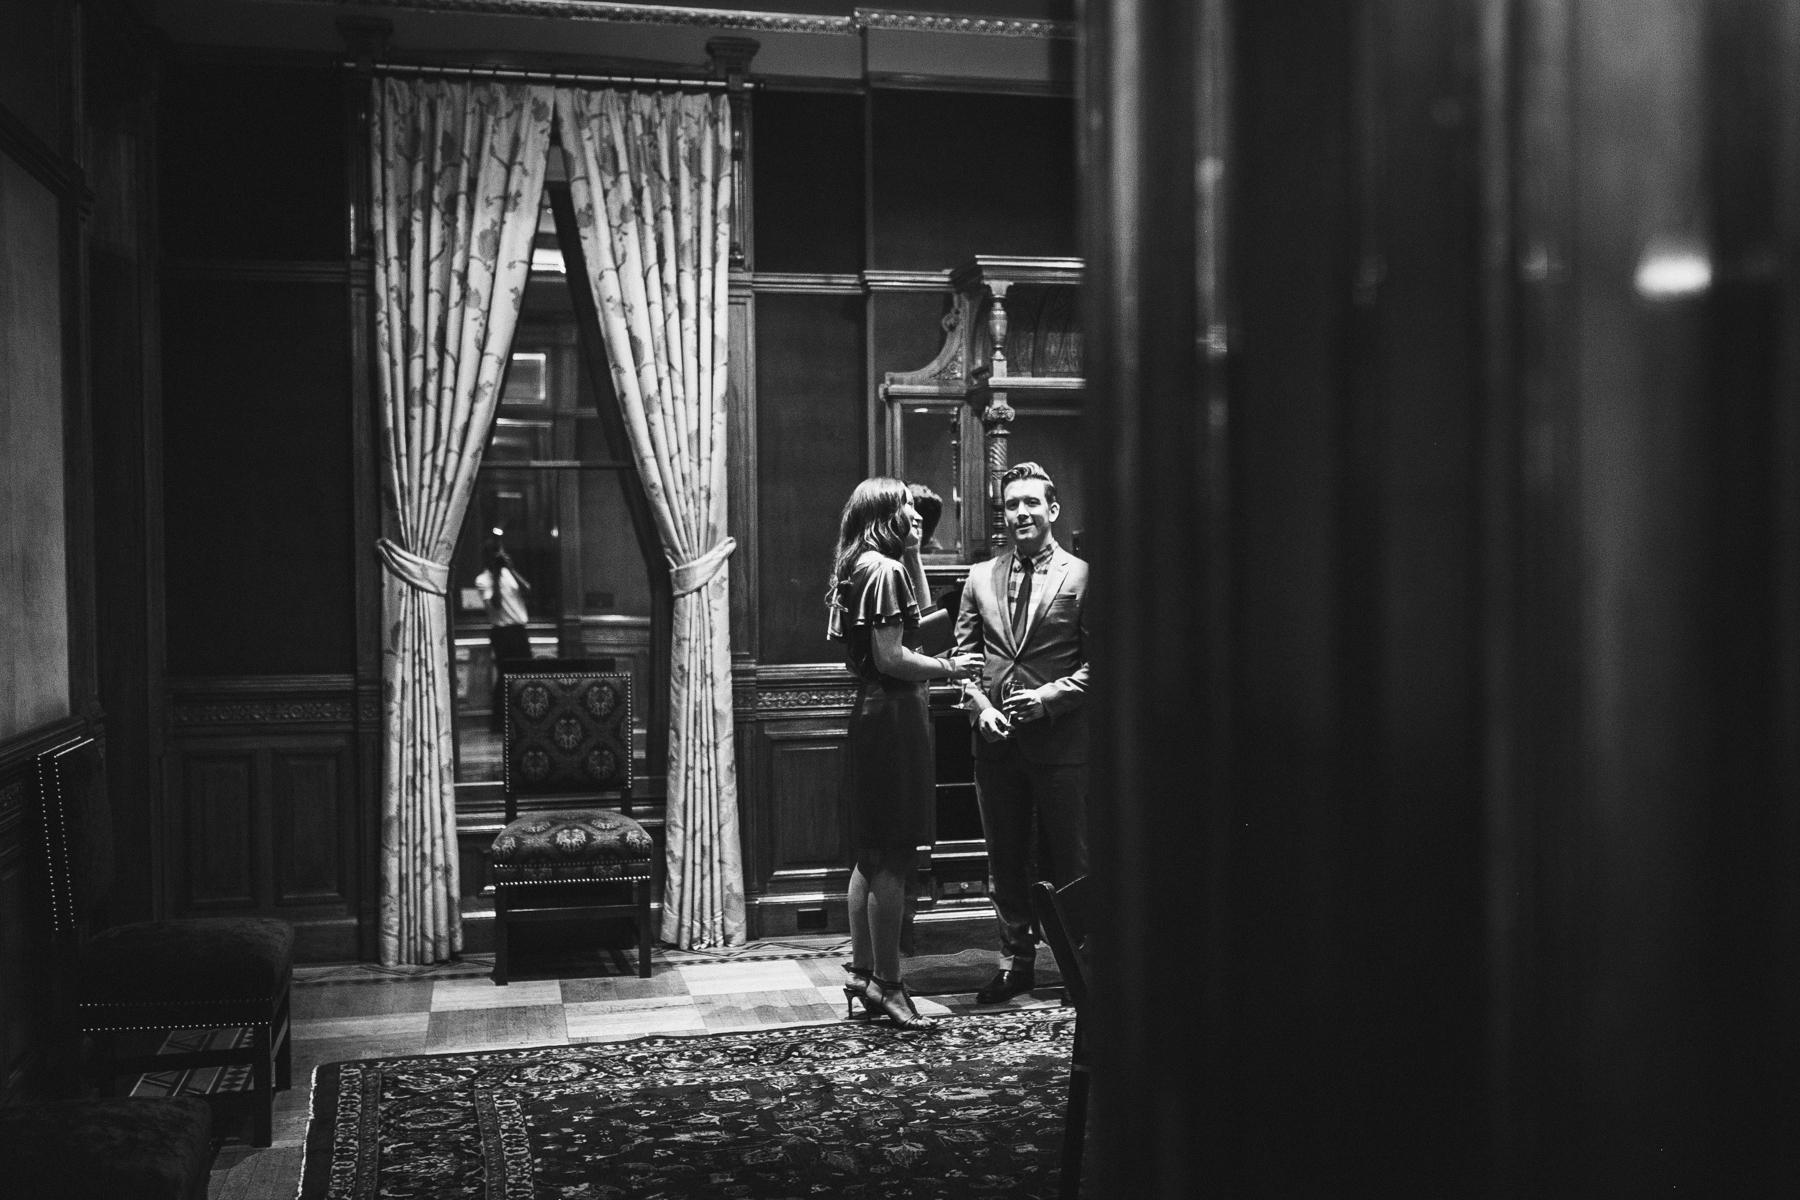 roaring-twenties-wedding-at-the-murphy-audiotorium-driehaus-museum-oriana-koren-8870.jpg